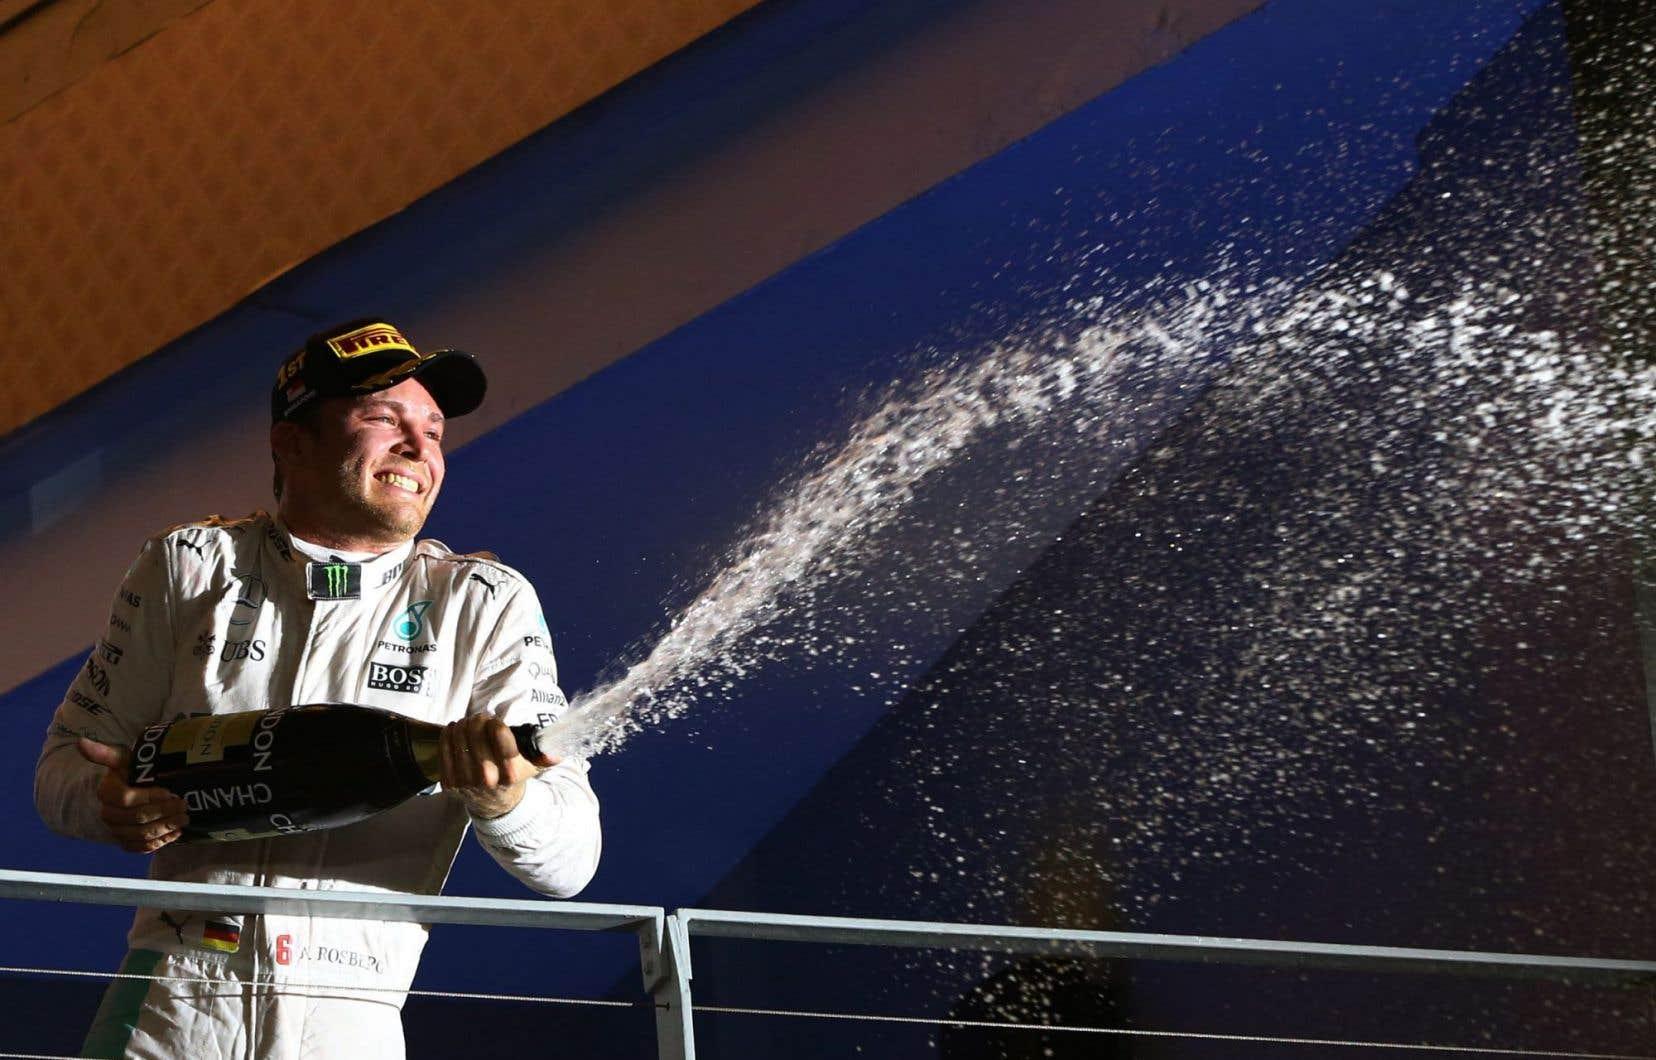 NicoRosberg s'est donné la meilleure chance possible de signer une troisième victoire consécutive après avoir enregistré un chrono de 1 minute 42,584 secondes sur le circuit urbain de Marina Bay.